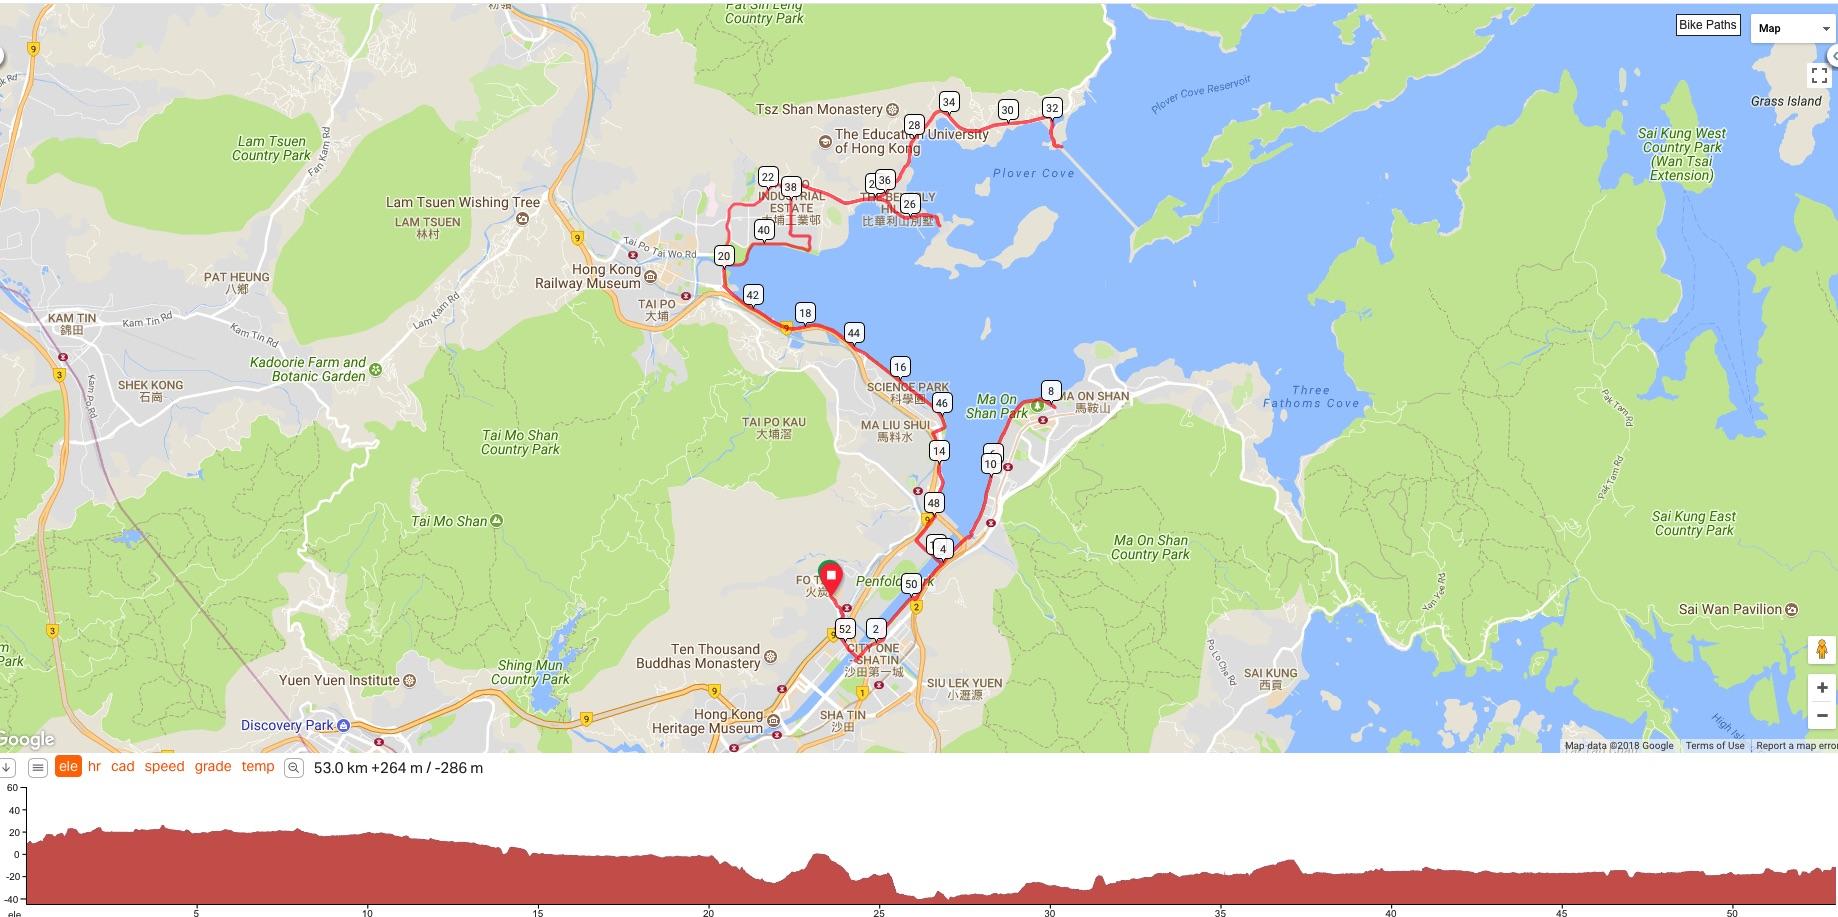 Cycling Route from FoTan to Sam Mun Tsai and Tai Mei Tuk